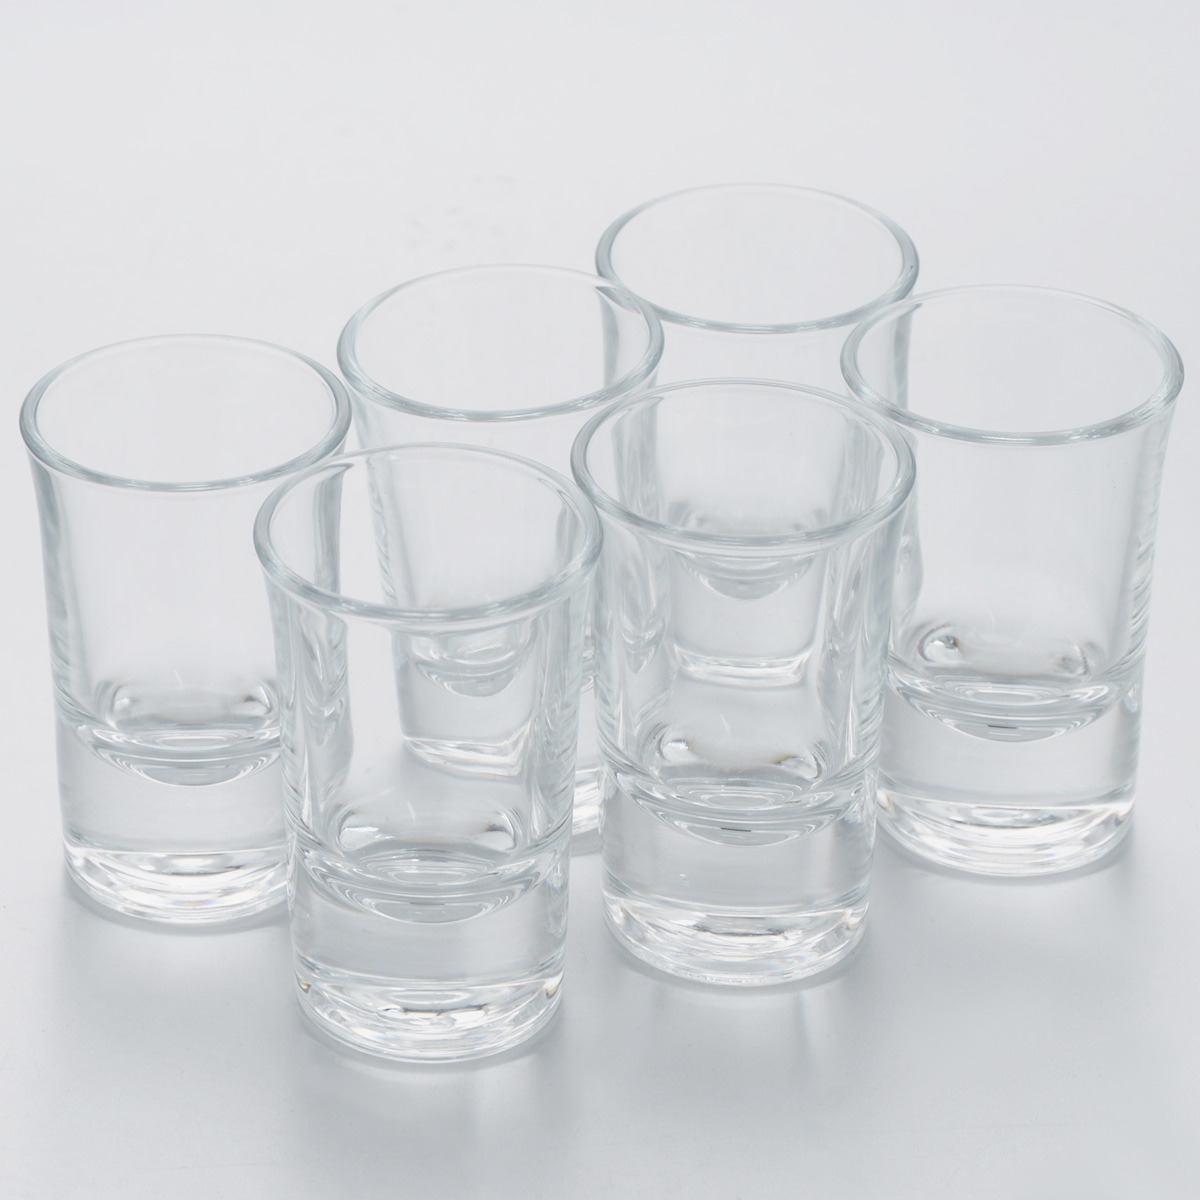 Набор стопок Pasabahce Boston Shots, 40 мл, 6 шт52174BНабор Pasabahce Boston Shots, выполненный из прочного натрий-кальций-силикатного стекла, состоит из шести стопок. Стопки, оснащенные утолщенным дном, прекрасно подойдут для подачи водки или ликера. Эстетичность, функциональность и изящный дизайн сделают набор достойным дополнением к вашему кухонному инвентарю. Набор стопок Pasabahce Boston Shots украсит ваш стол и станет отличным подарком к любому празднику. Можно использовать в микроволновой печи и мыть в посудомоечной машине.Диаметр стопки по верхнему краю: 4 см. Высота стопки: 7 см.